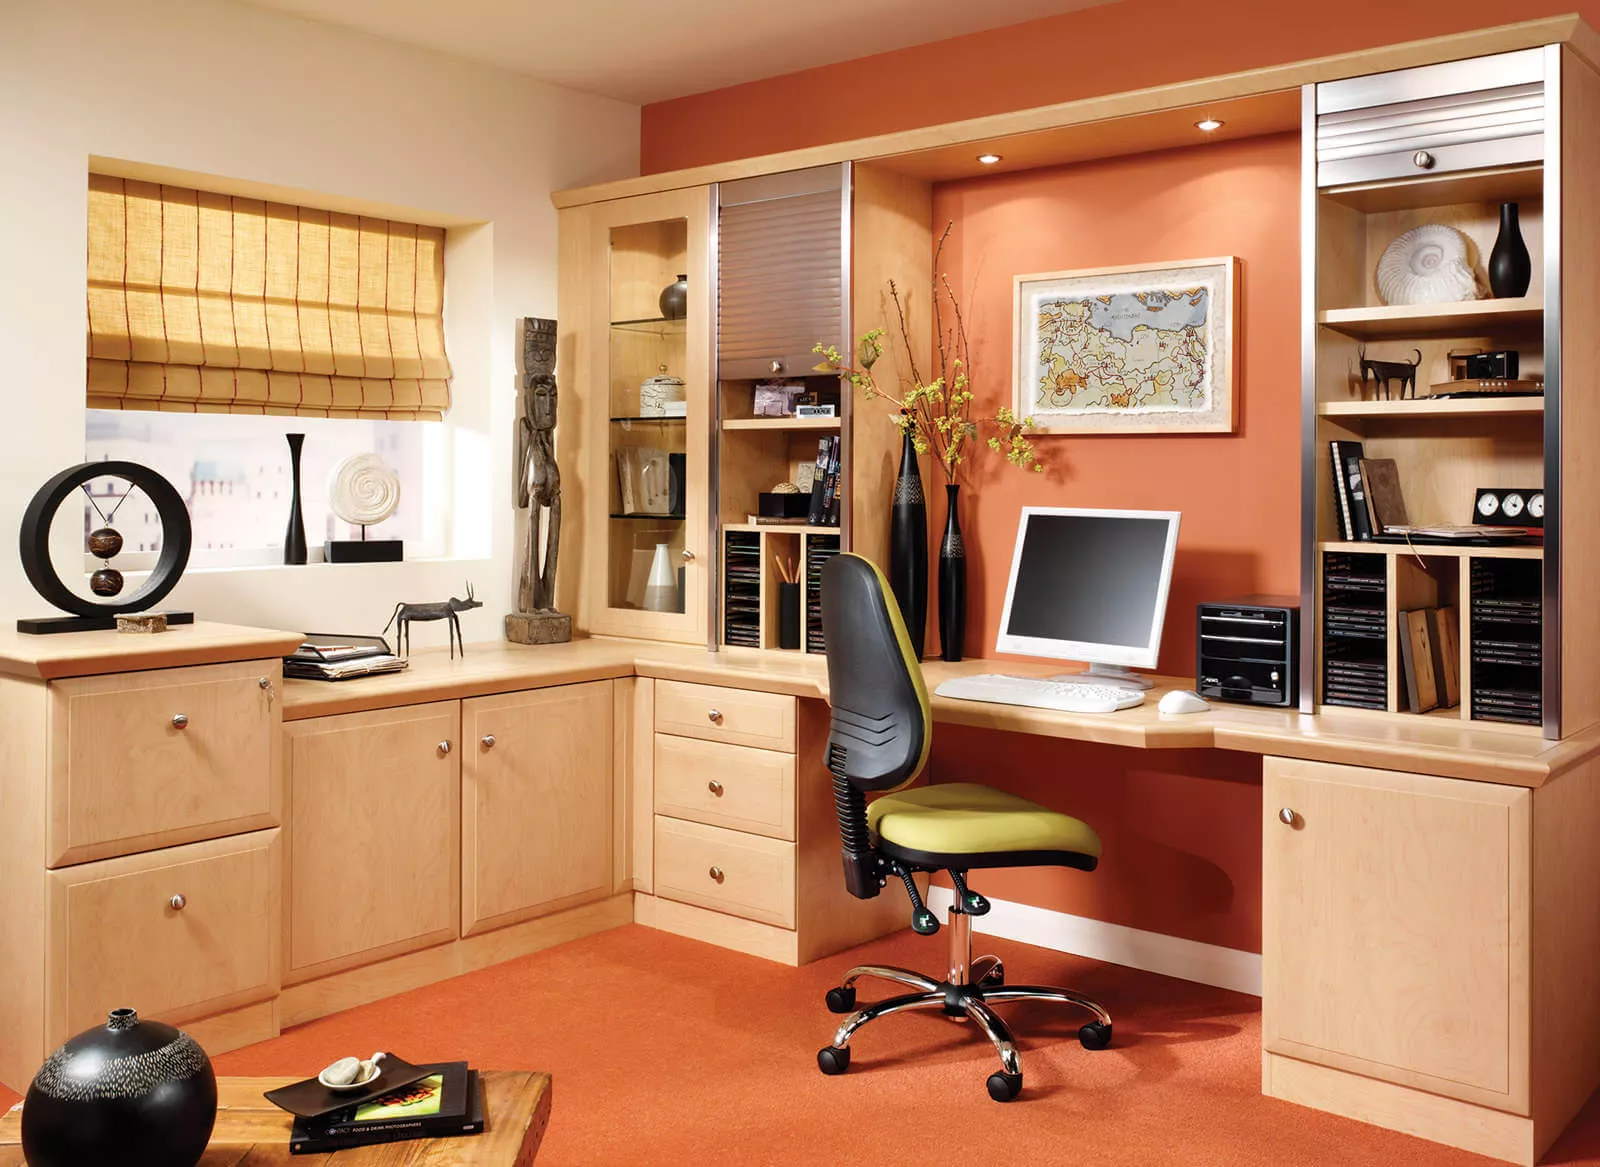 Premier kitchen & bathrooms